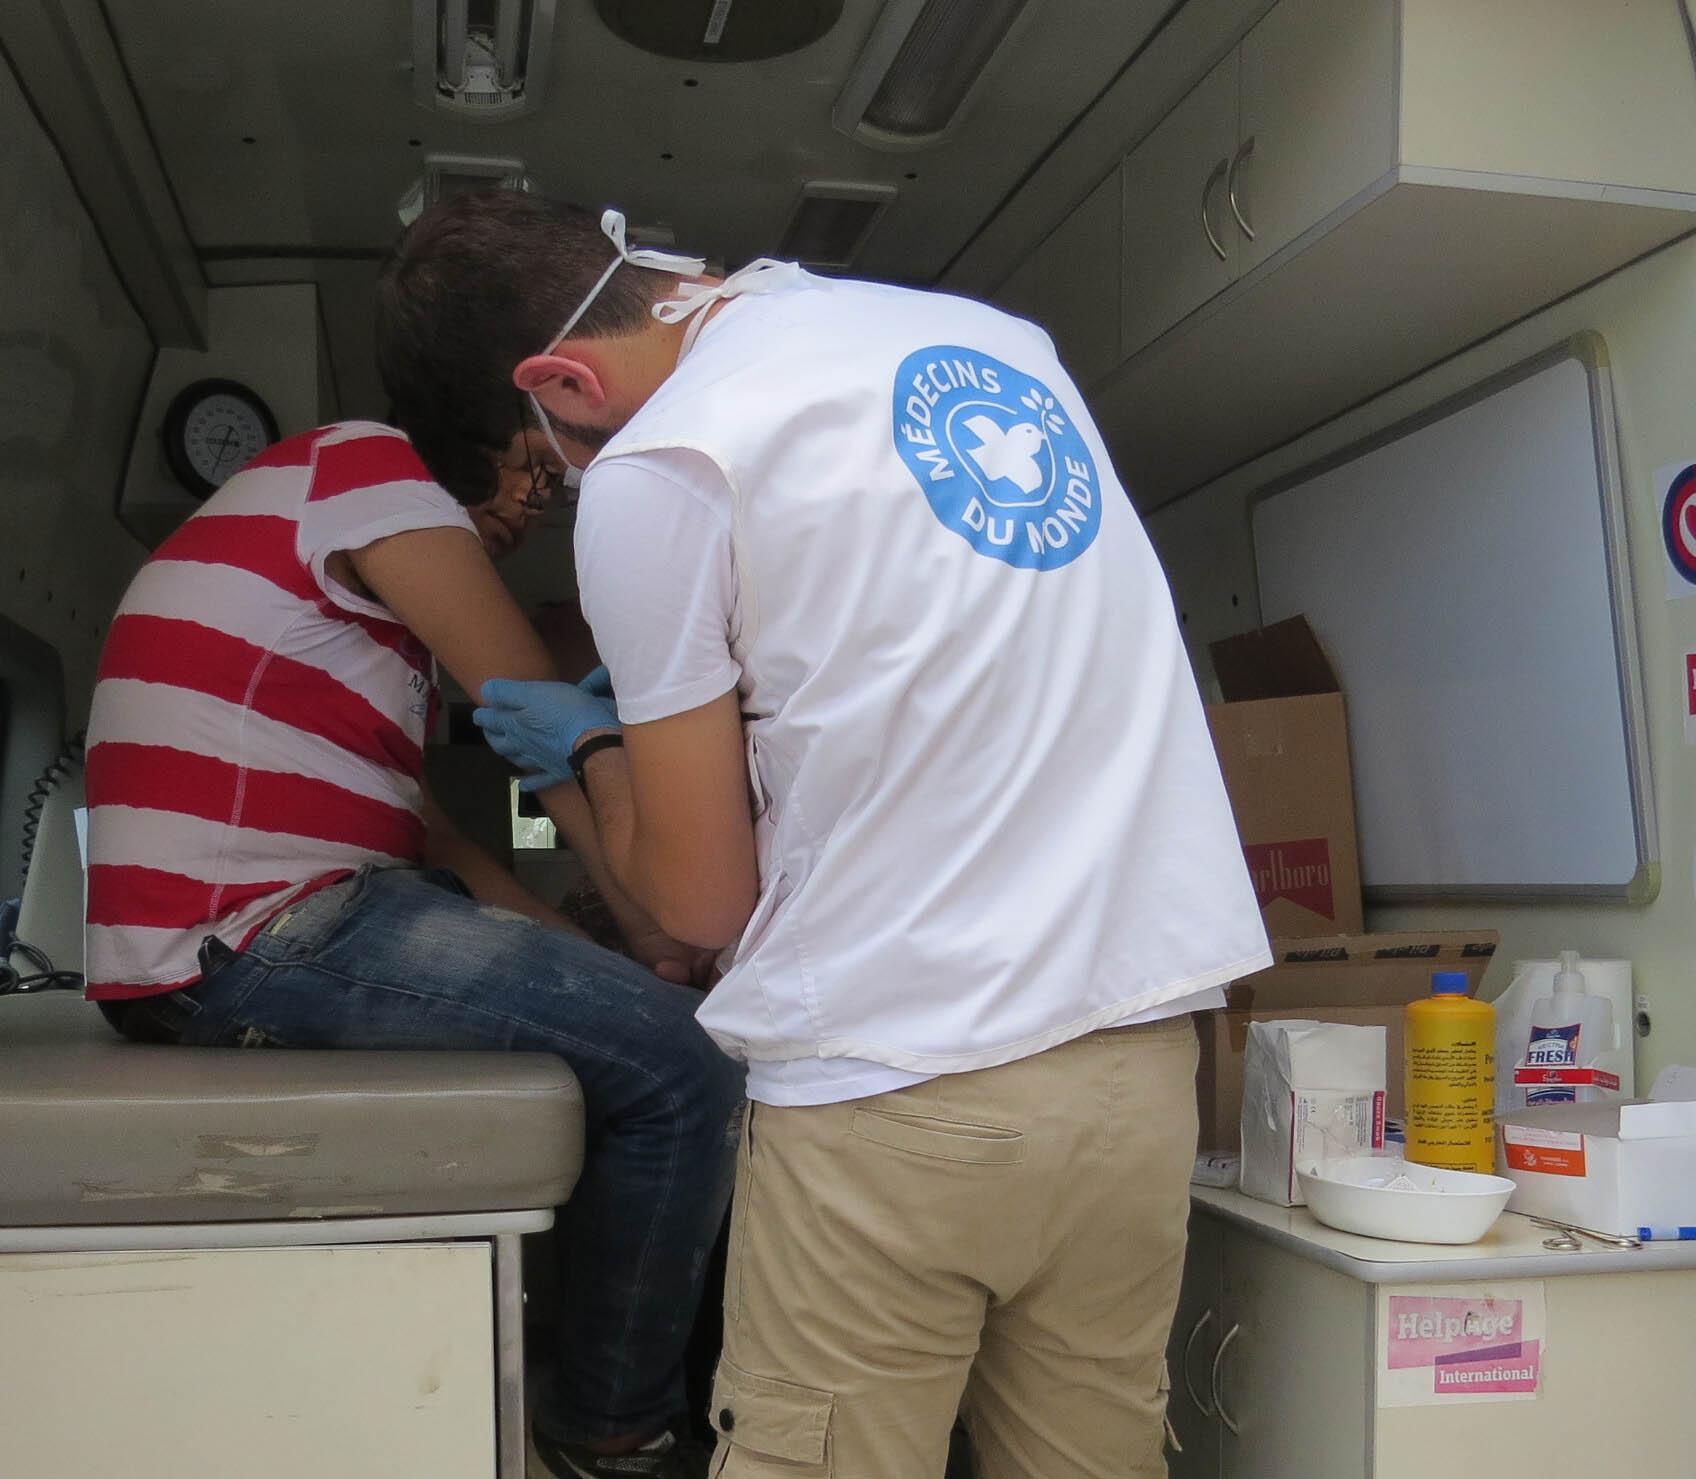 Die Teams von Ärzte der Welt sind auch mobil unterwegs, um Menschen zu versorgen. Foto: Ärzte der Welt